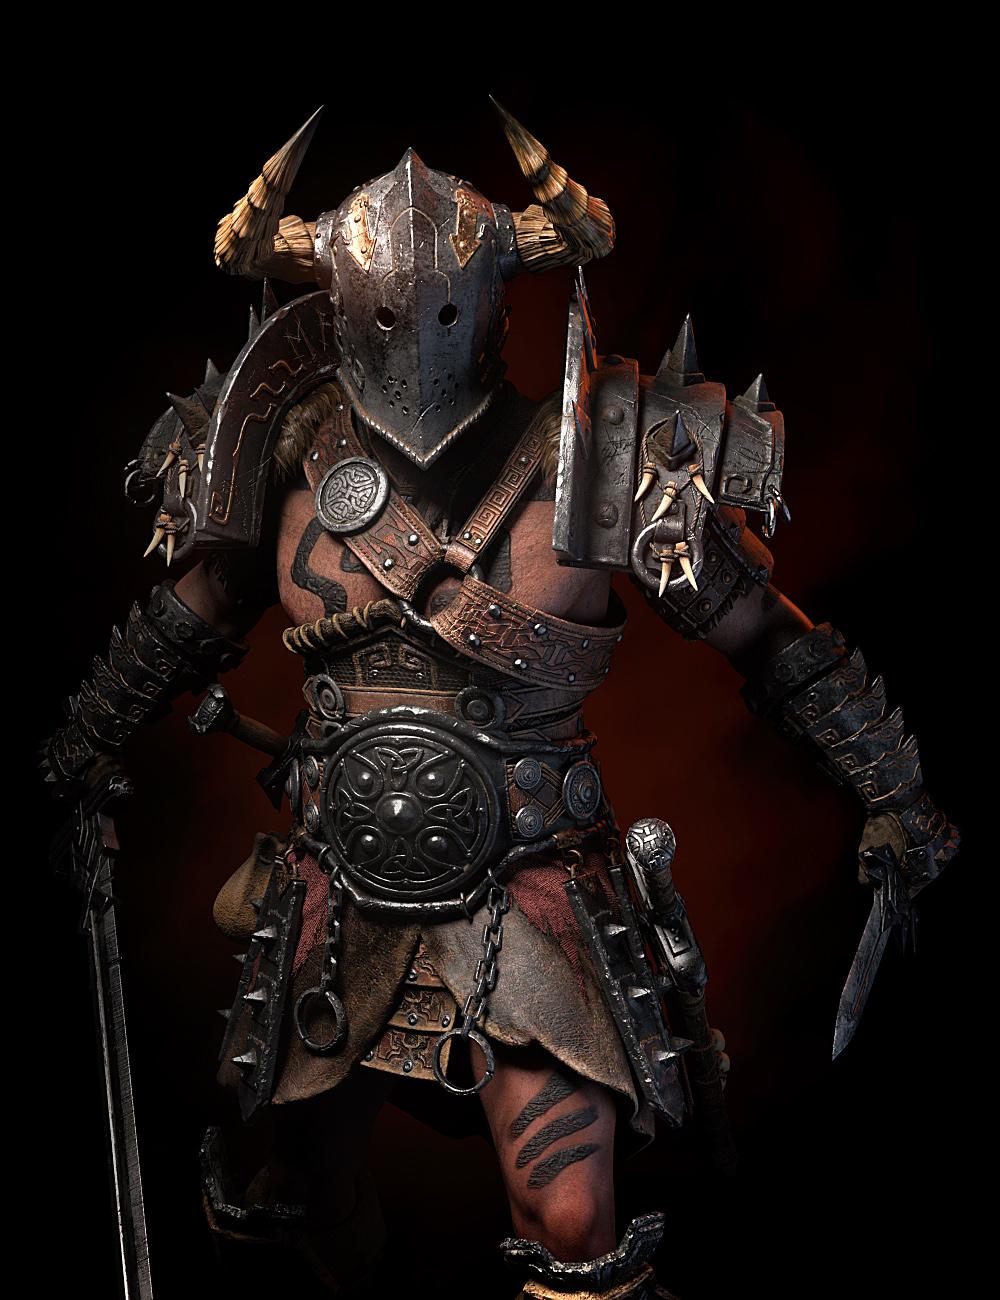 STF Bone Breaker Armor for Genesis 8 Male(s) by: StrangefateRoguey, 3D Models by Daz 3D